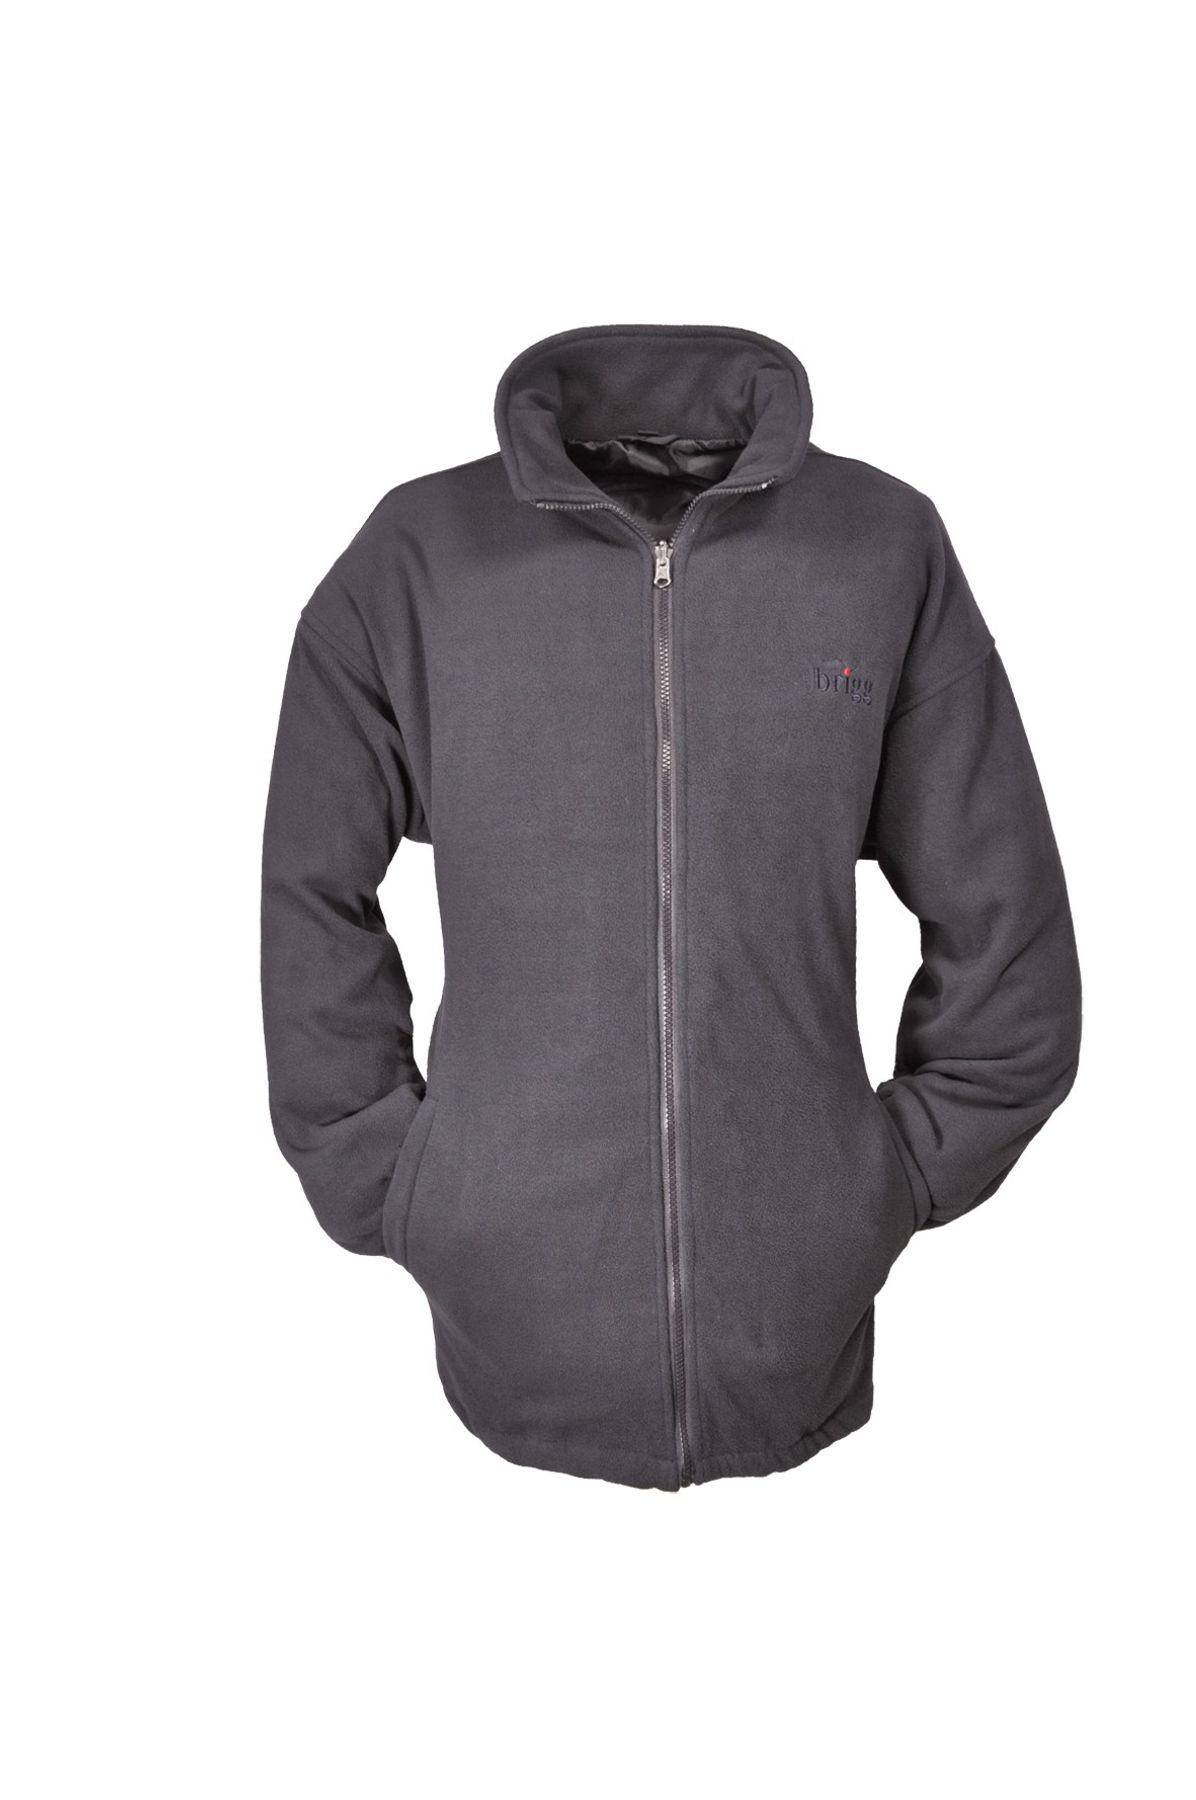 Brigg -  Herren Outdoor Jacke in Schwarz oder Blau (1003 2005) – Bild 2